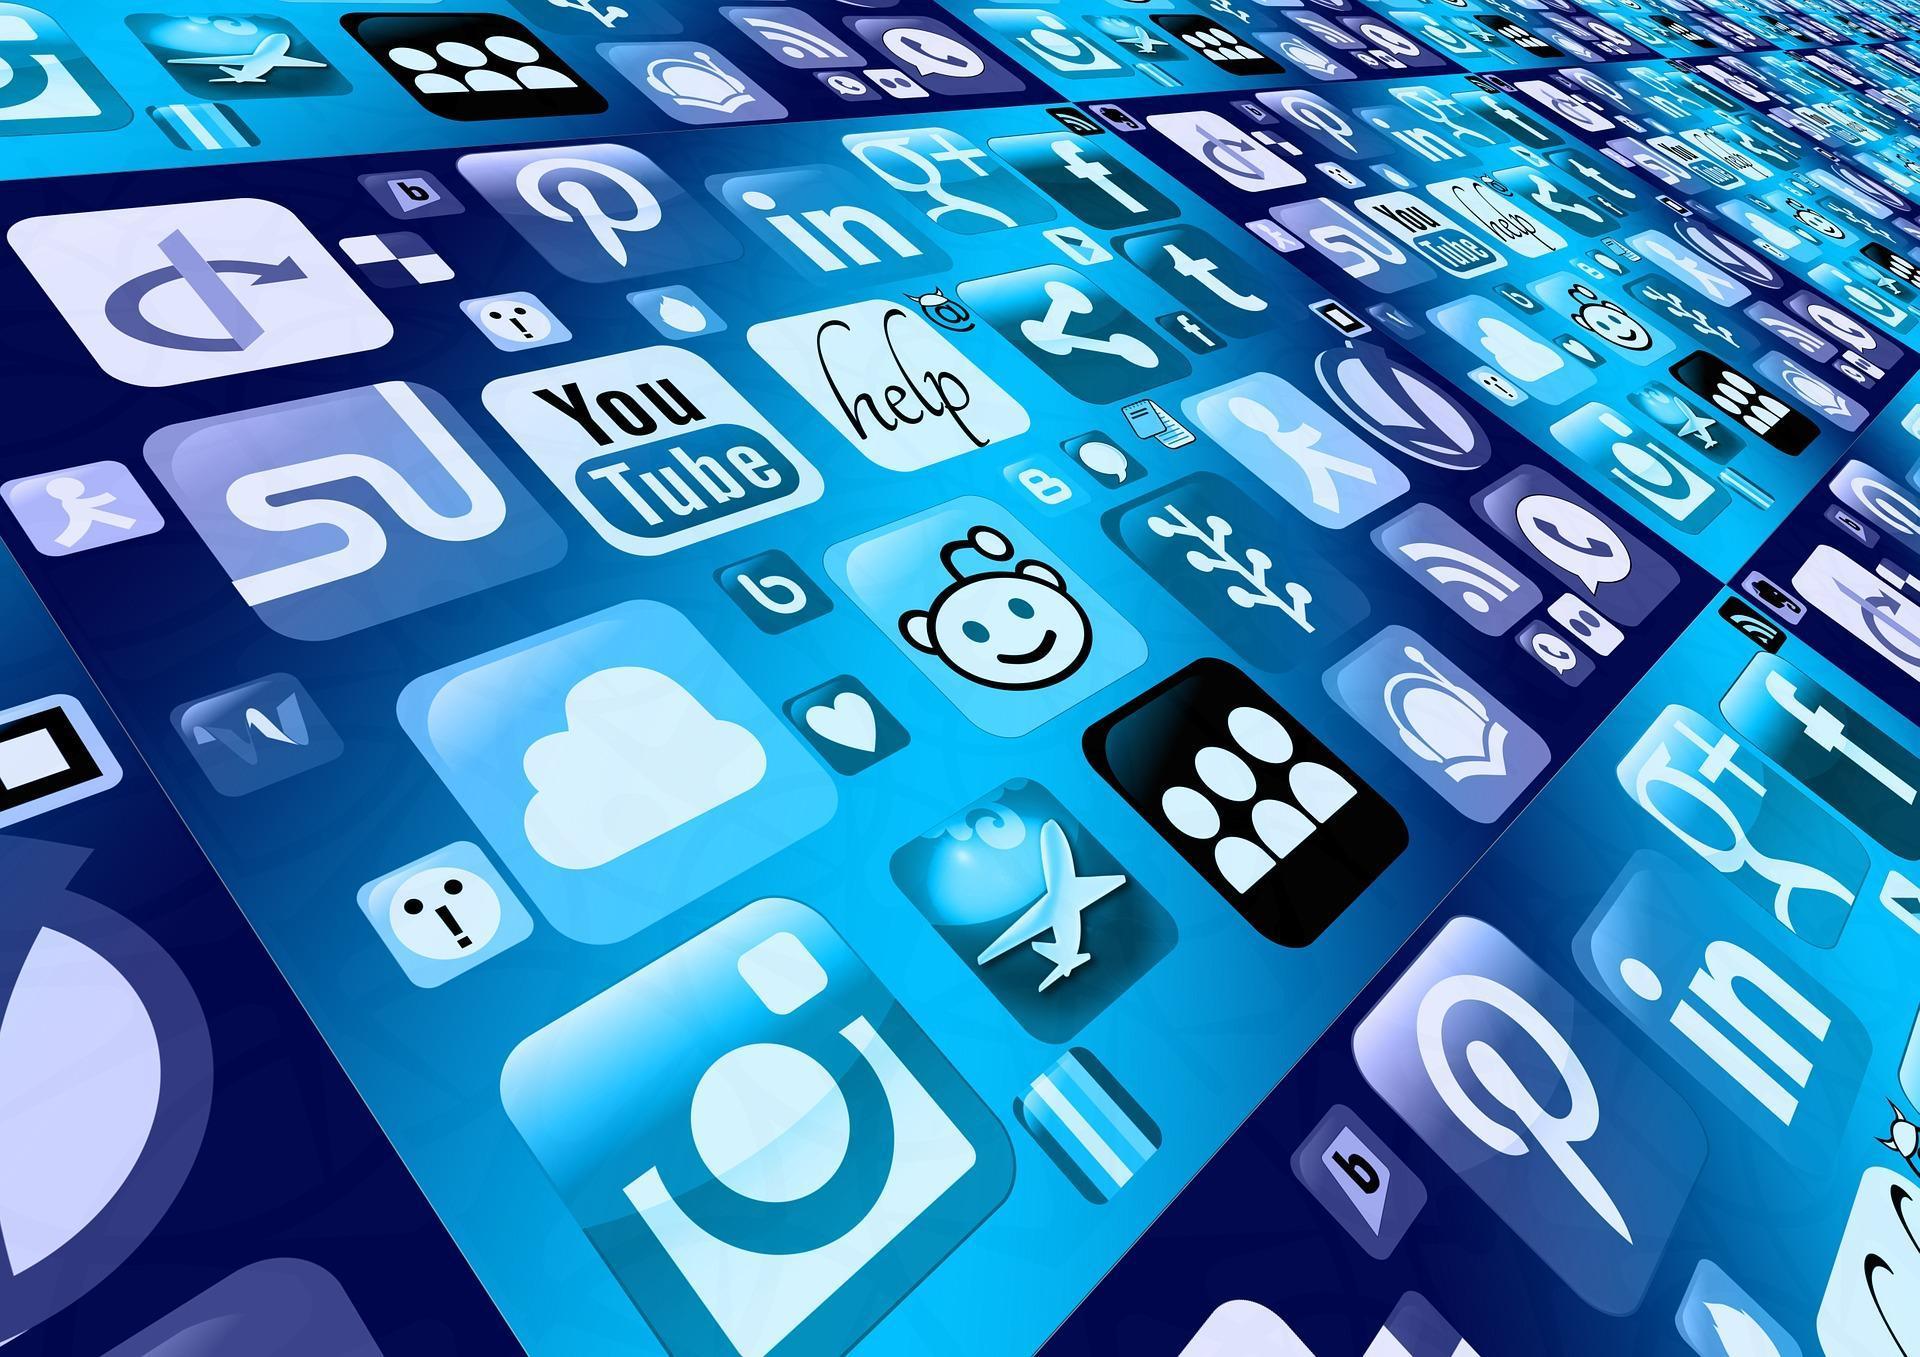 Les réseaux sociaux : quel intérêt pour vous ?